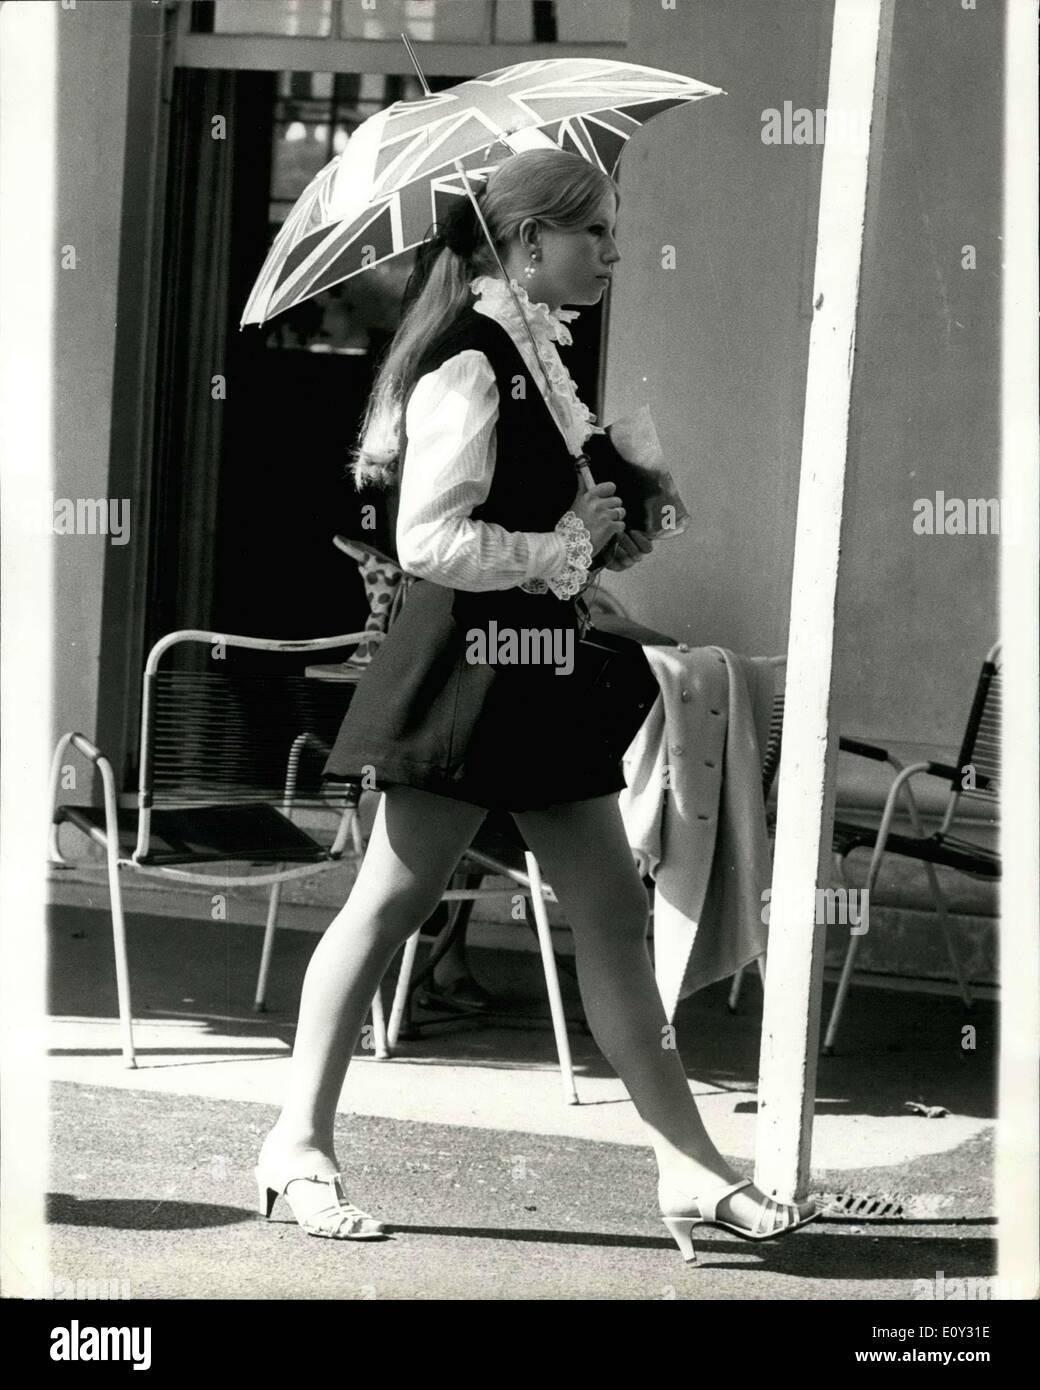 Juin 12, 1968 - 12 juin 1968 Fashion Garden party au Club de Hurlingham - La première fashion garden party a eu Banque D'Images